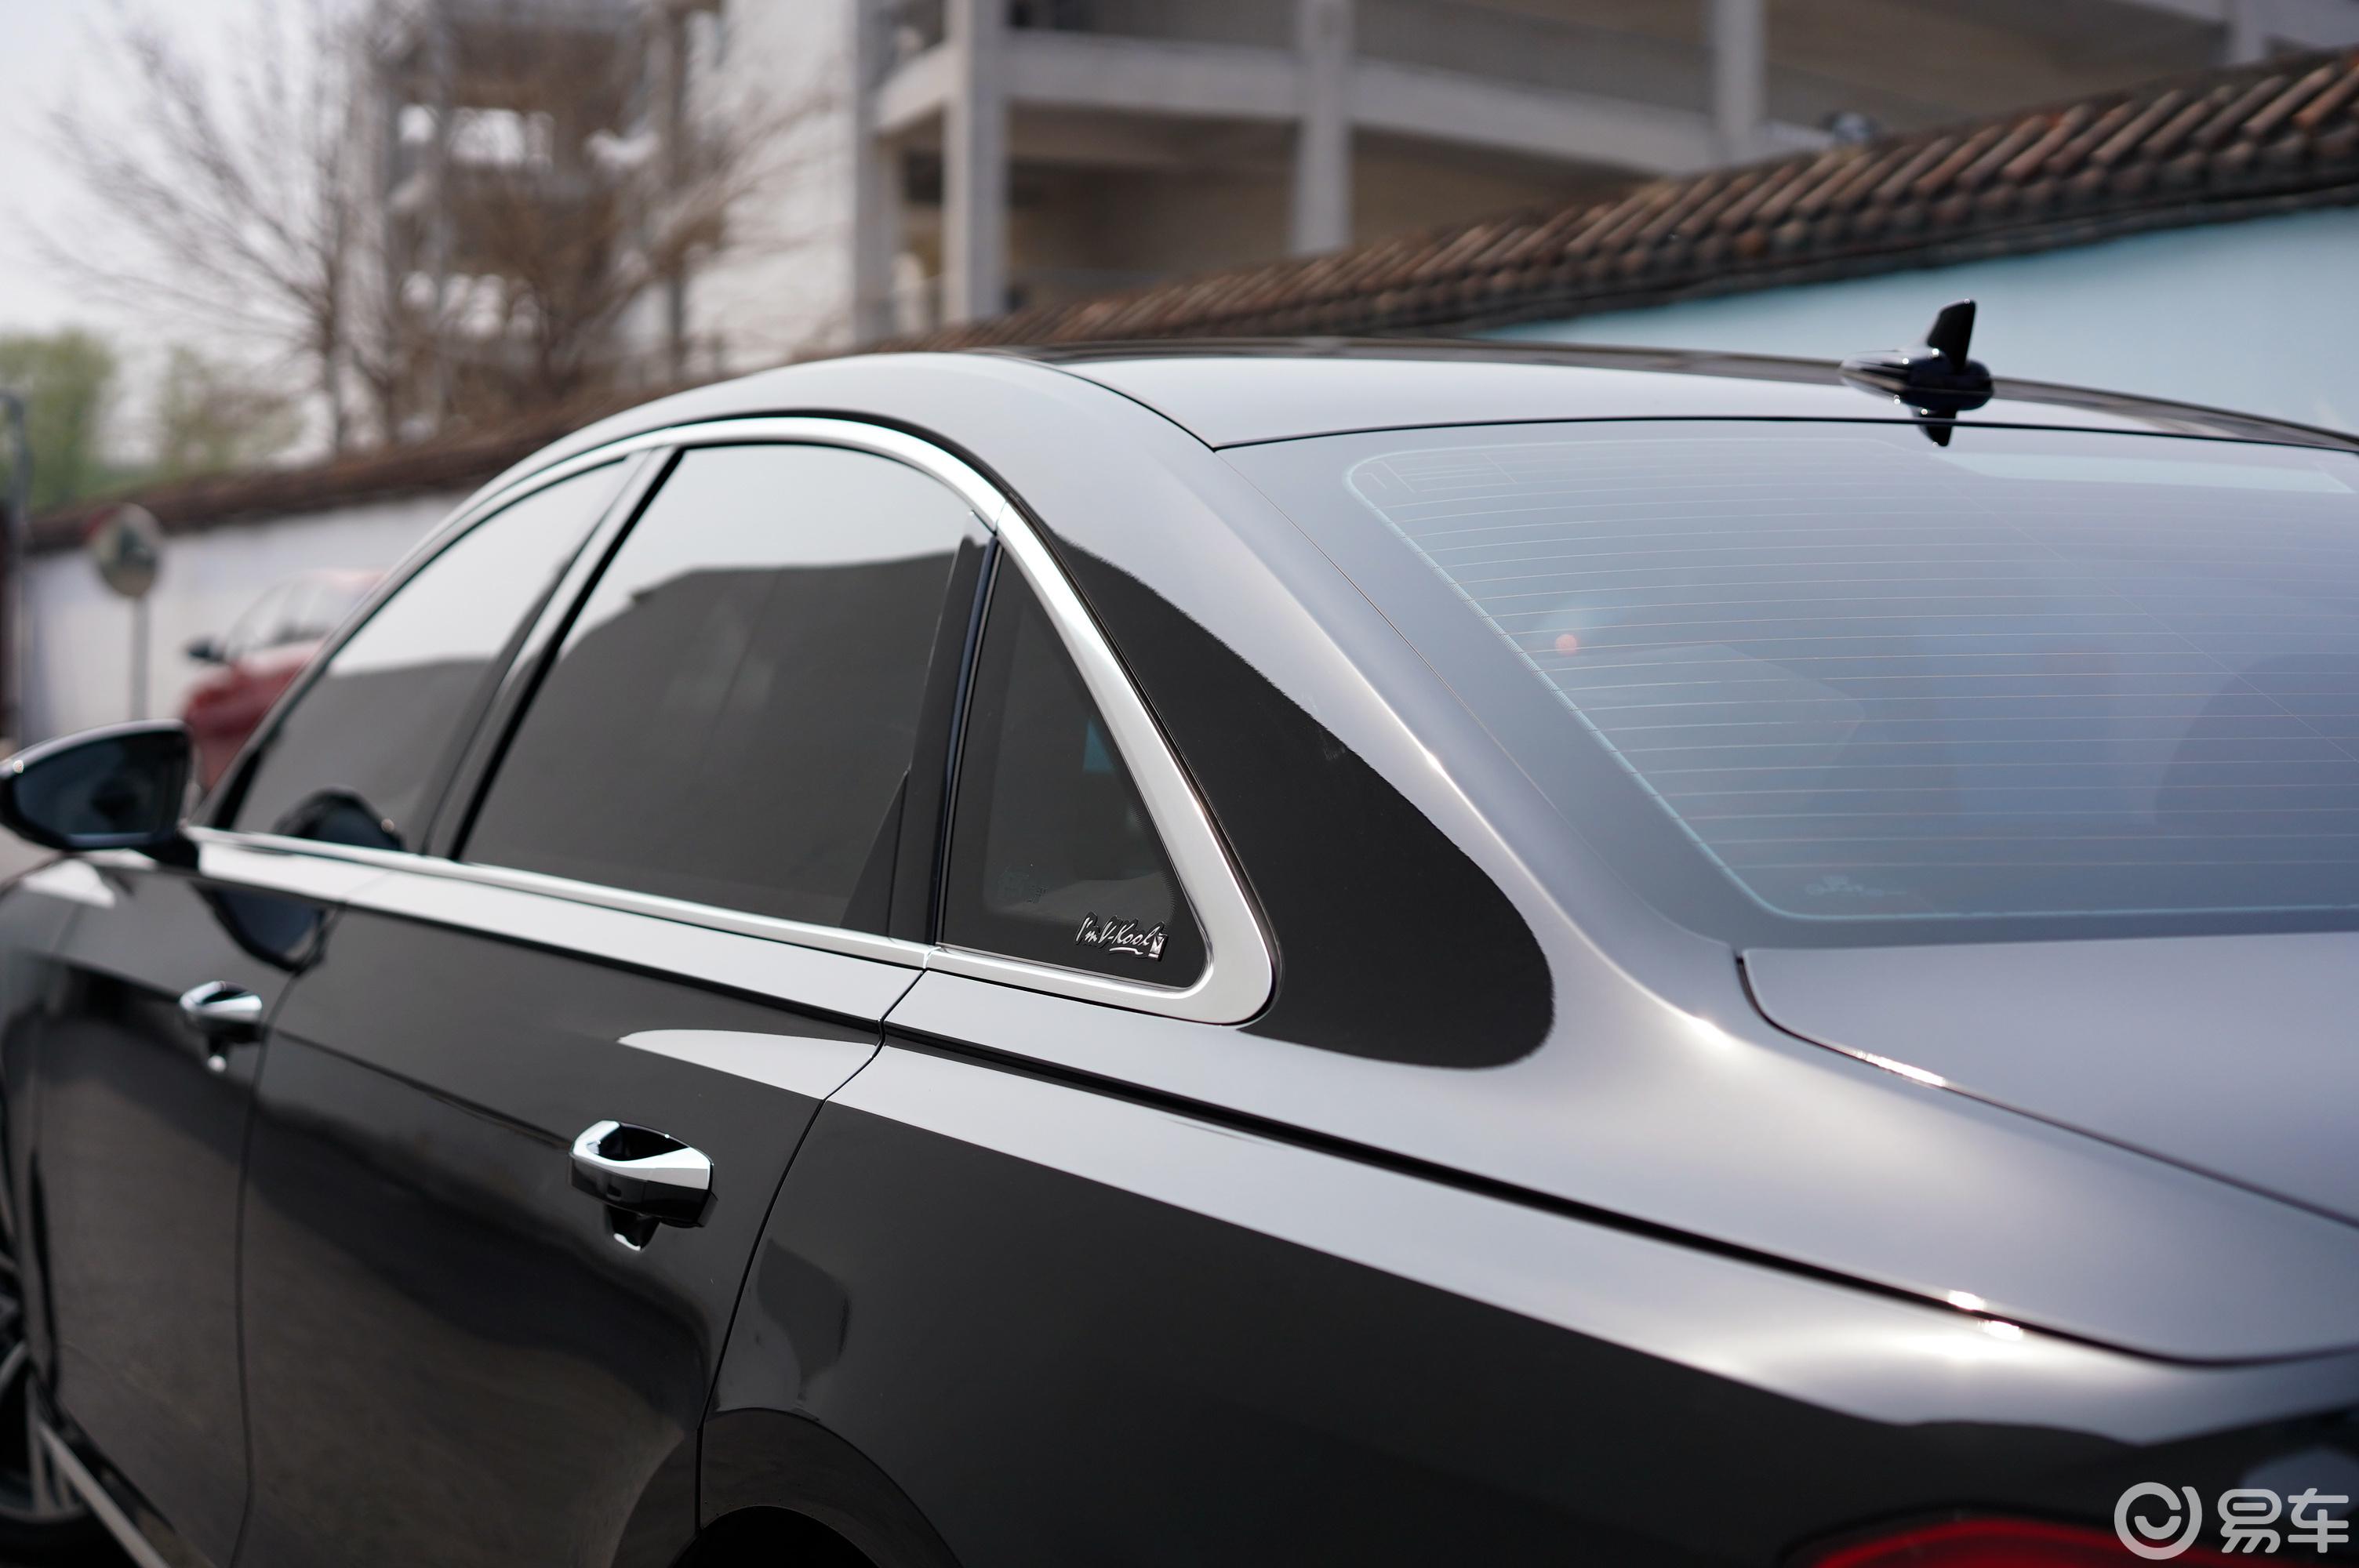 要想发挥奥迪A8车漆价值,何不贴车衣试试?